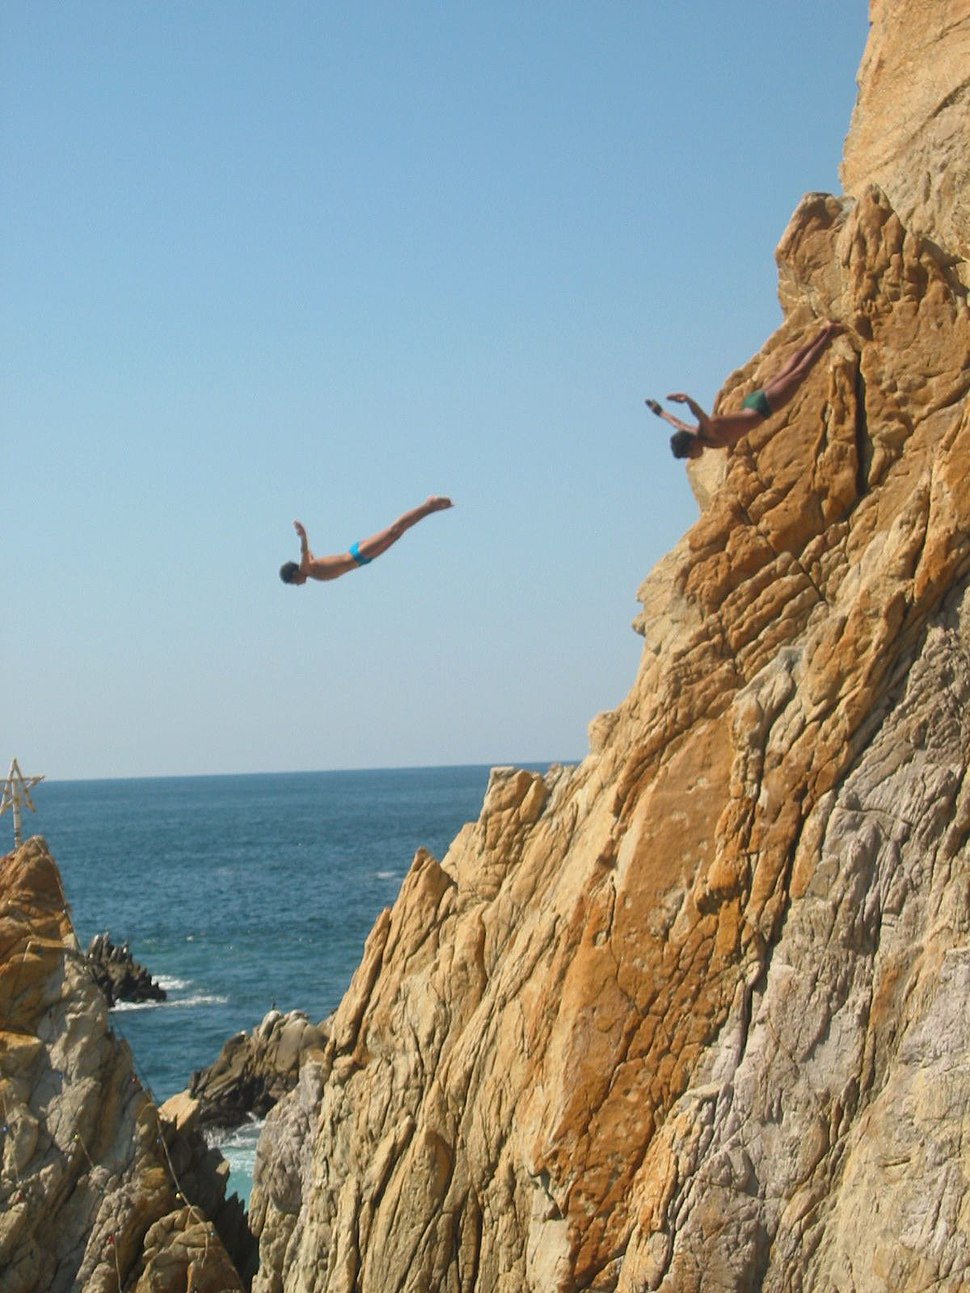 Cliffdivers in La Quebrada, Acapulco, Guerrero, Mexico